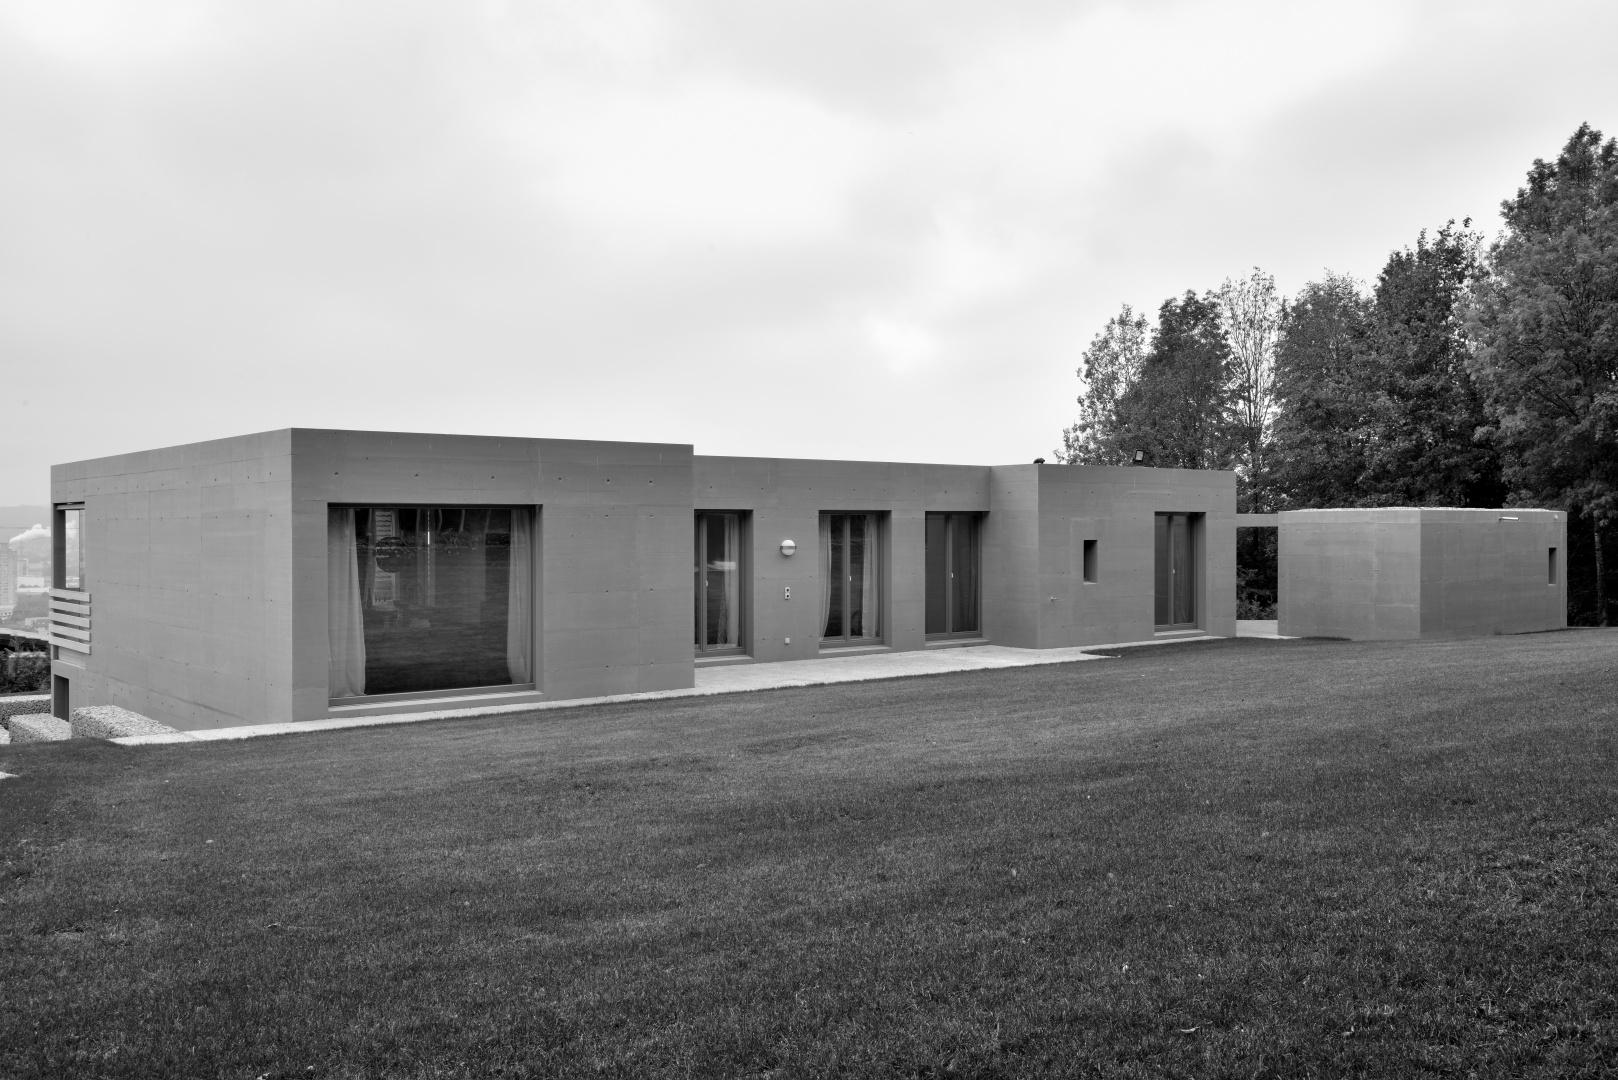 Nordansicht © Studio Baumann, Mühlackerweg 3, 4805 Brittnau